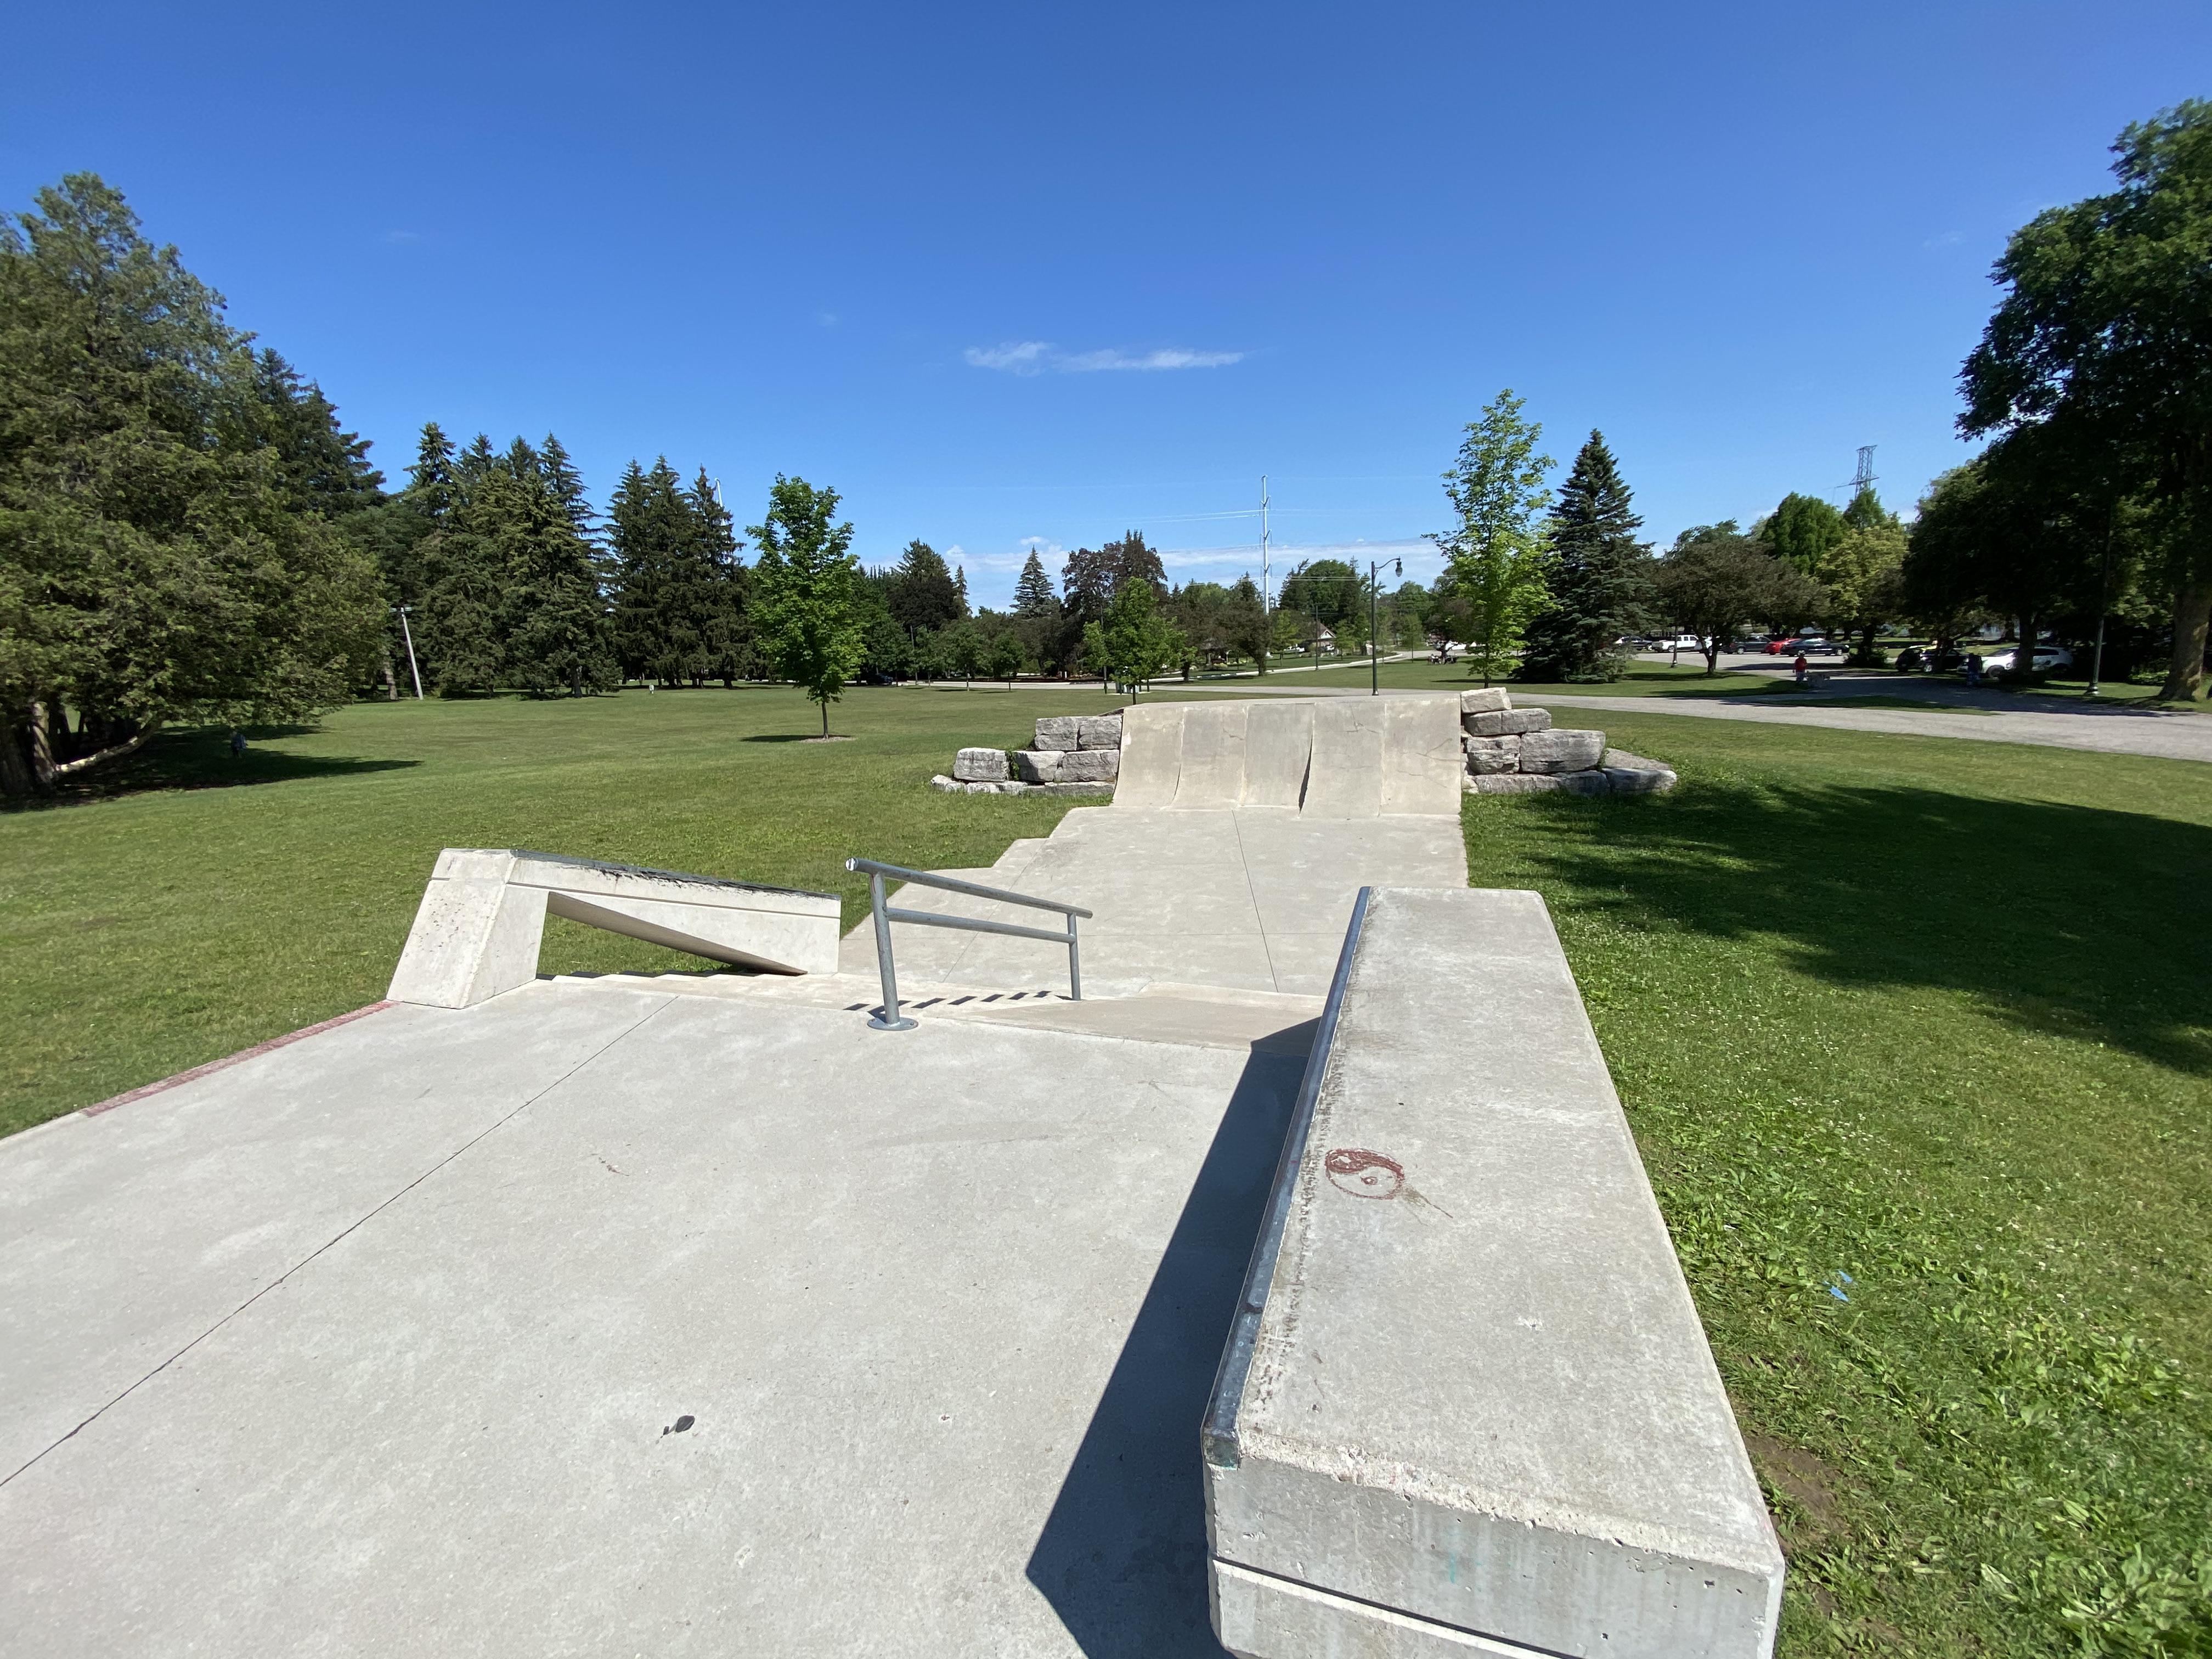 woodstock skatepark end of plaza section